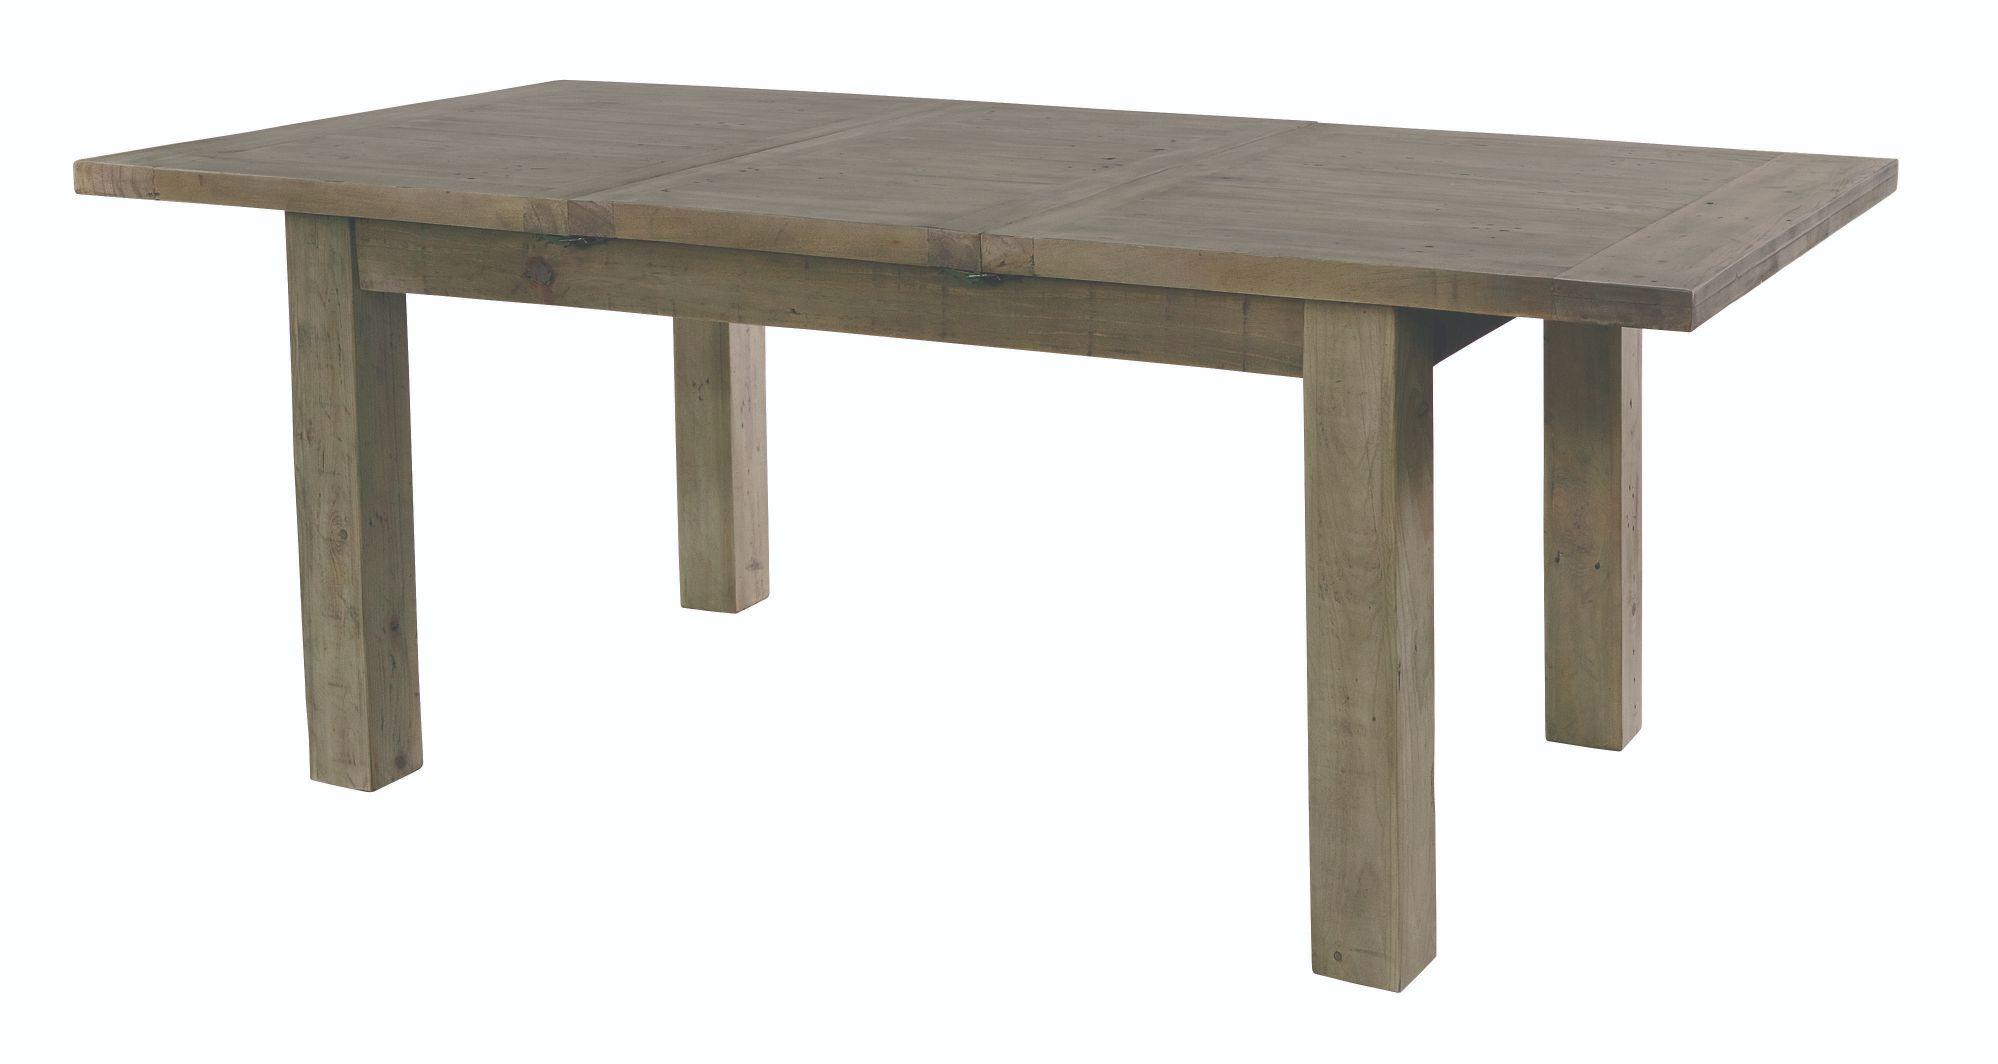 SALTASH 180 EXTENDING DINING TABLE Driftwood